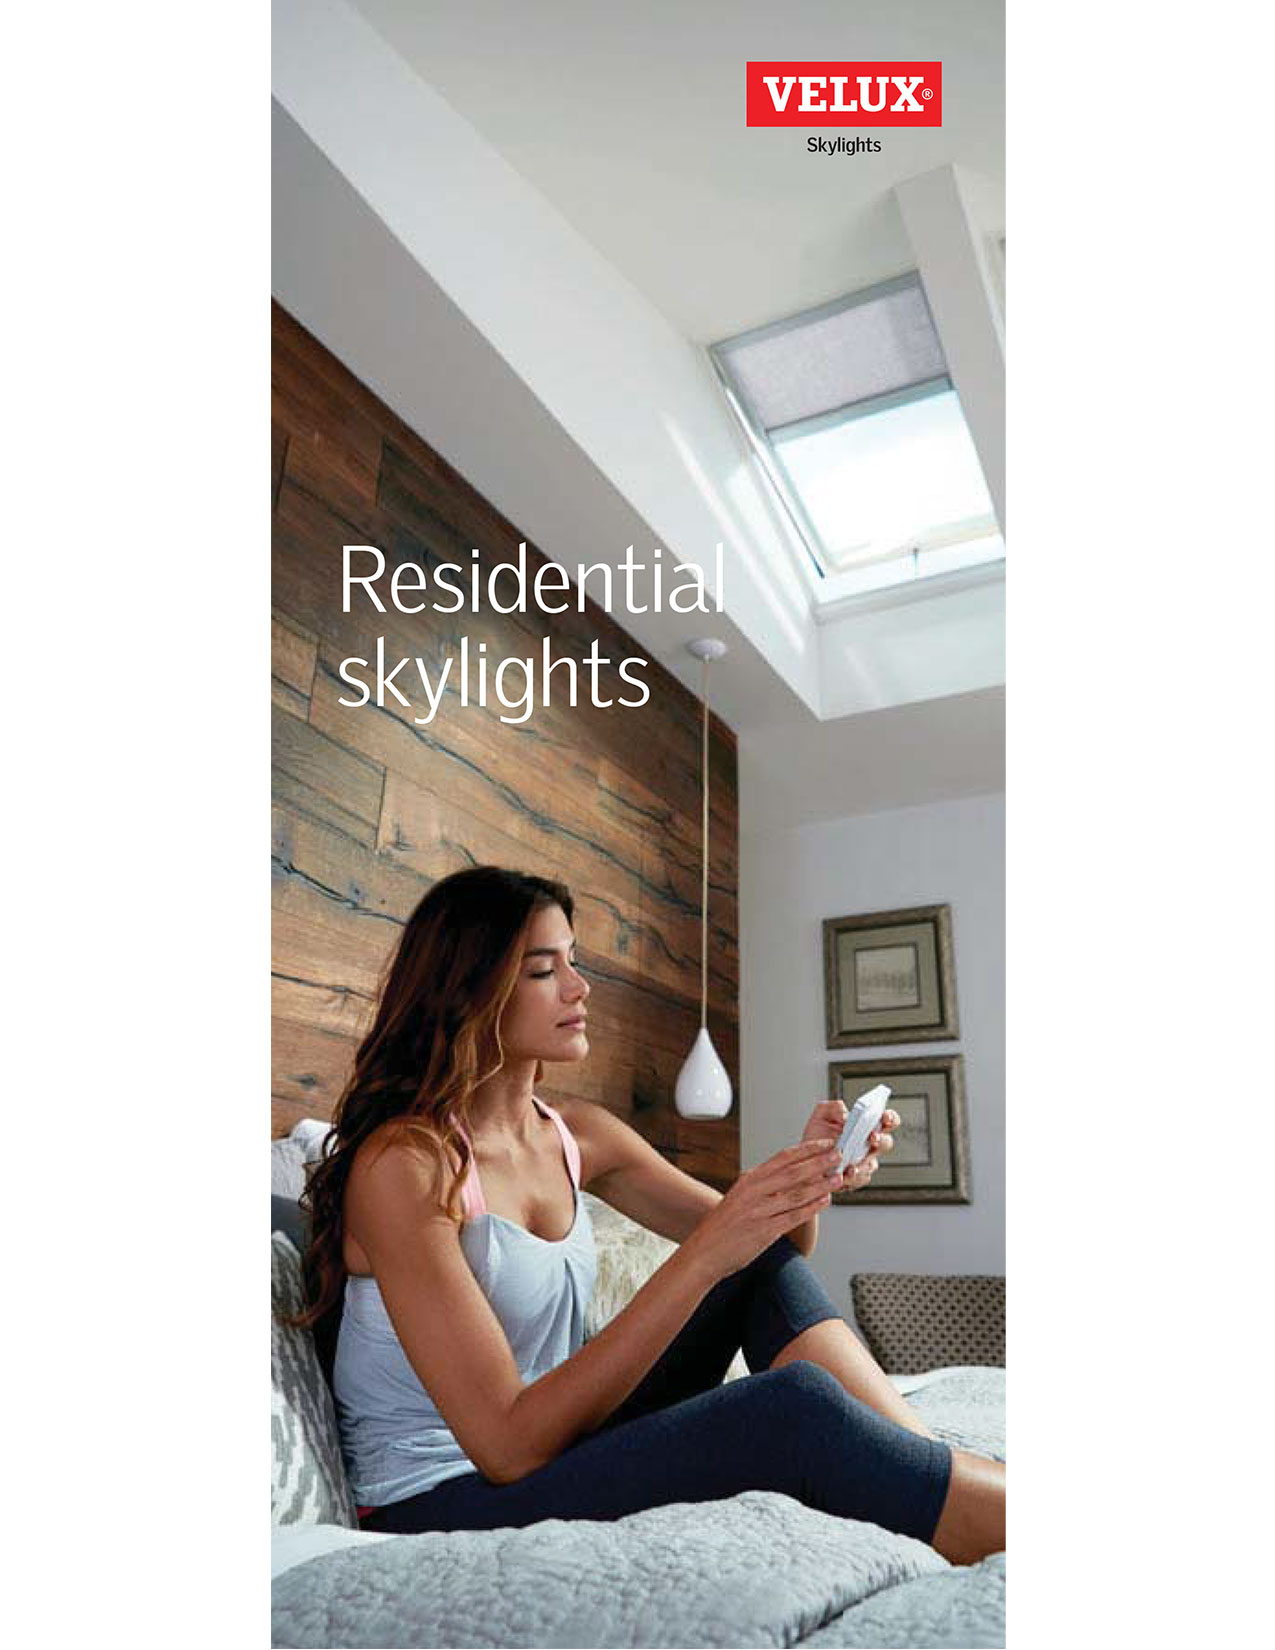 Residential skylight flyer